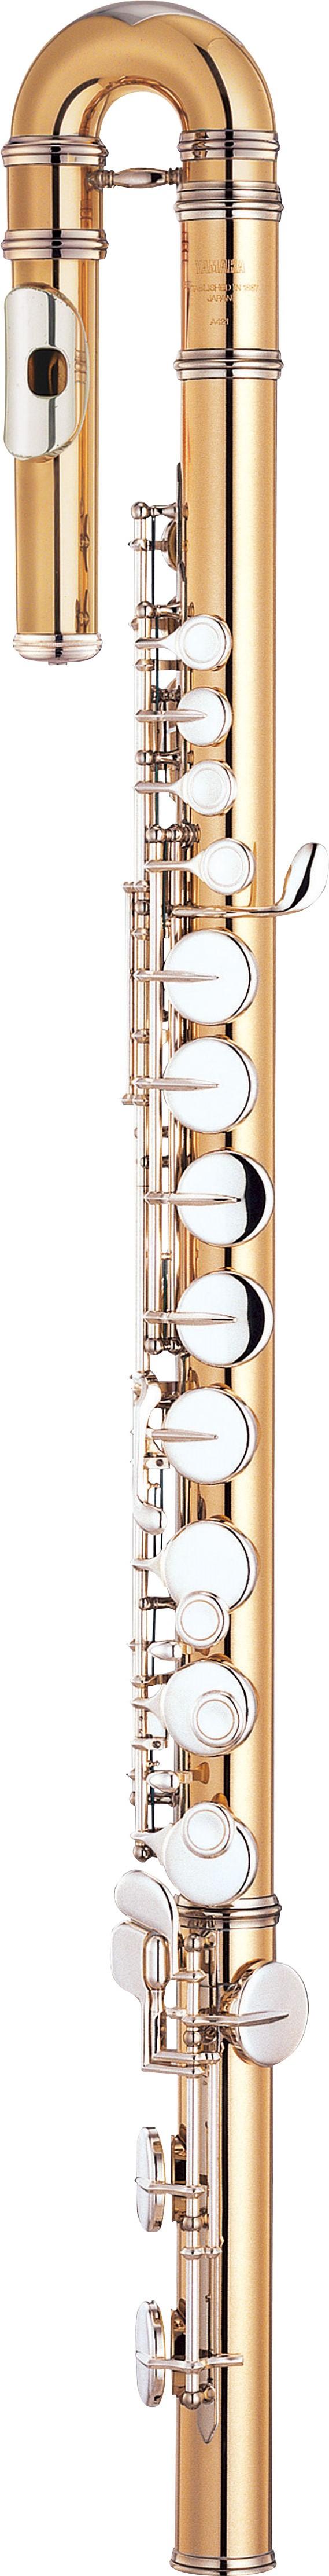 Yamaha - YFL-A-421-U-II - gebogen - Holzblasinstrumente - Alt-Flöten | MUSIK BERTRAM Deutschland Freiburg